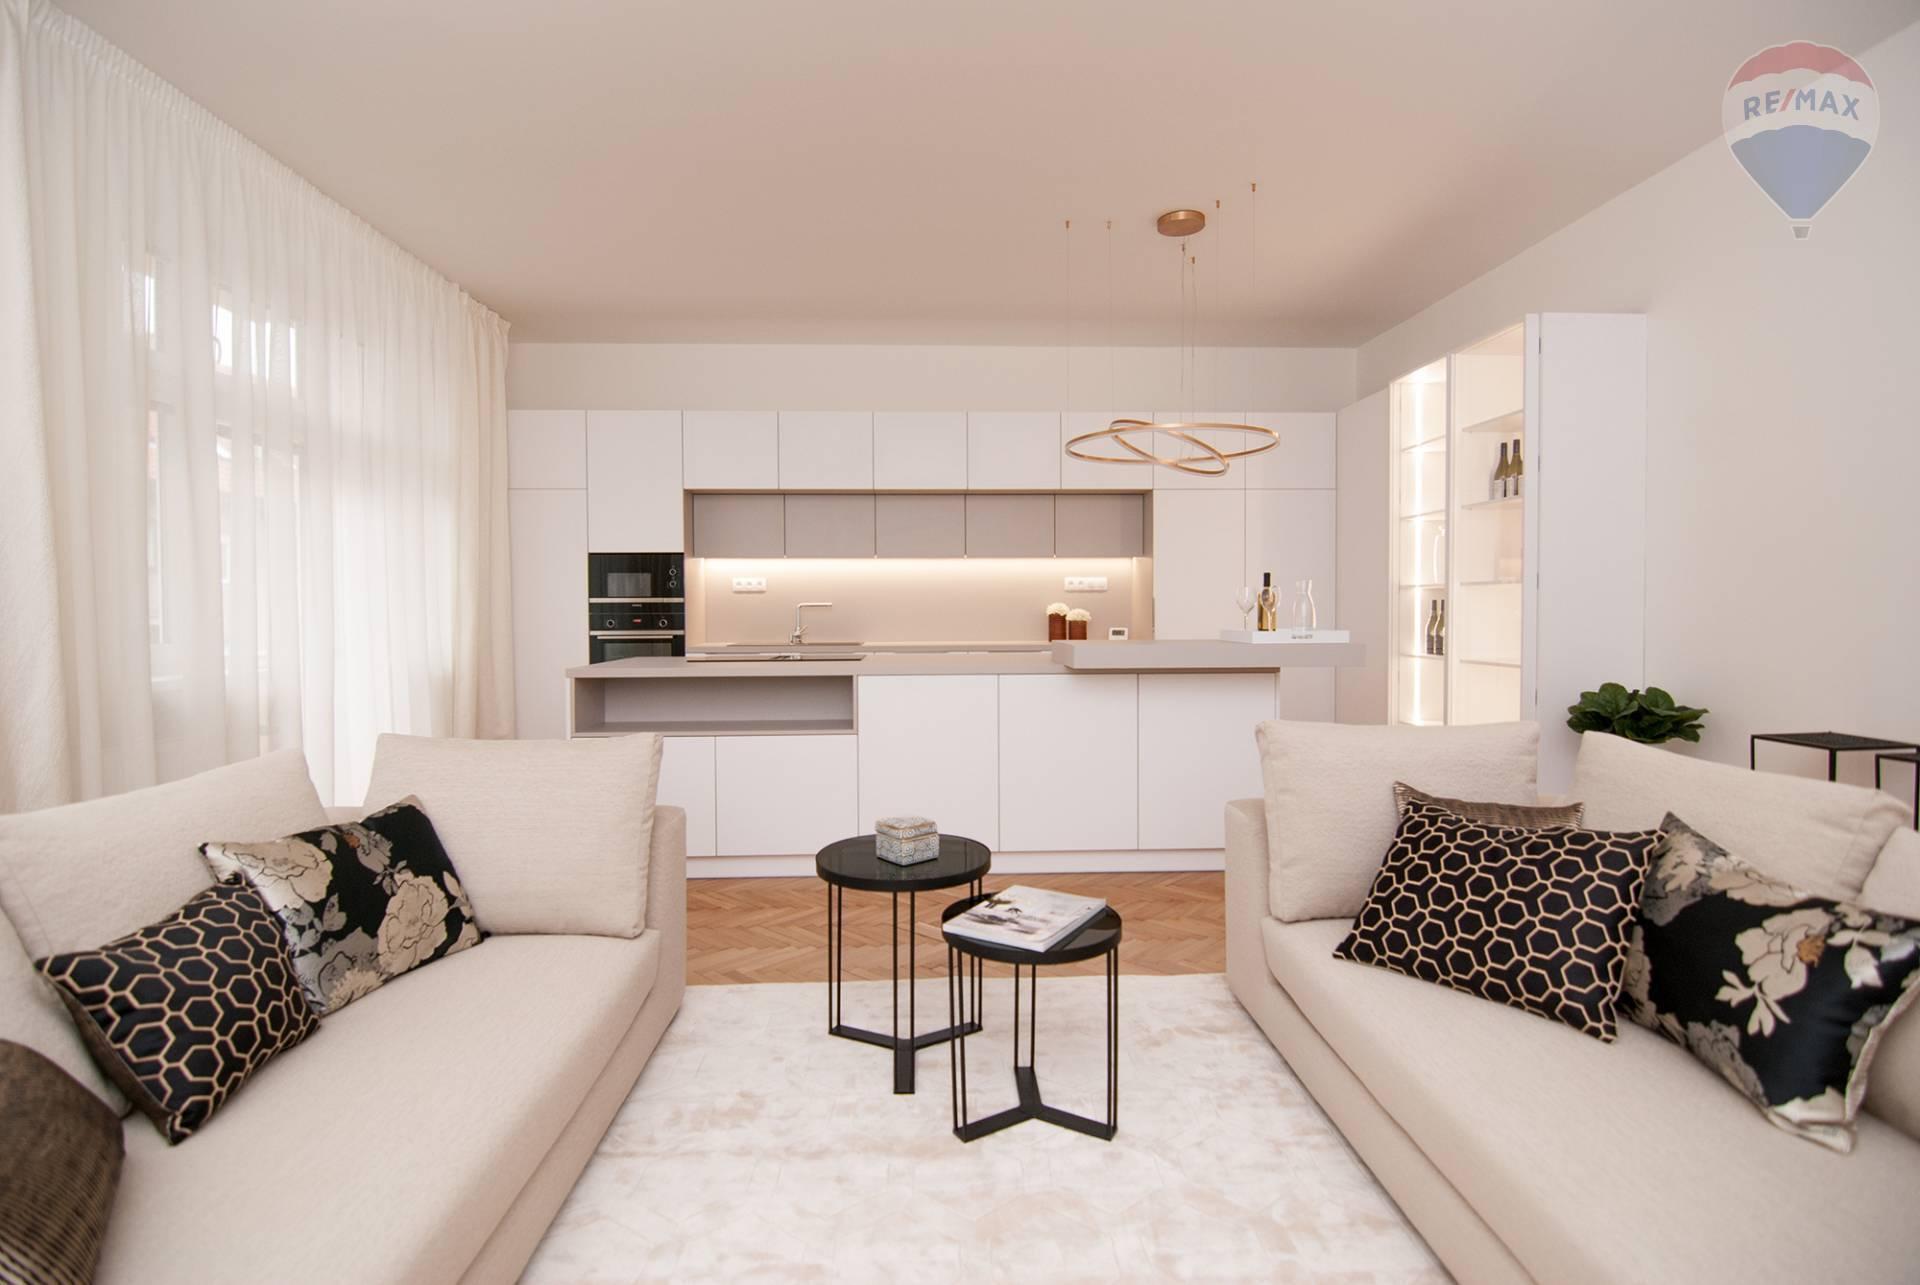 JEDINEČNÝ, veľkometrážny 3izb. byt, po komplet luxusnej rekonštrukcii, doposiaľ neobývany, 2x balkón